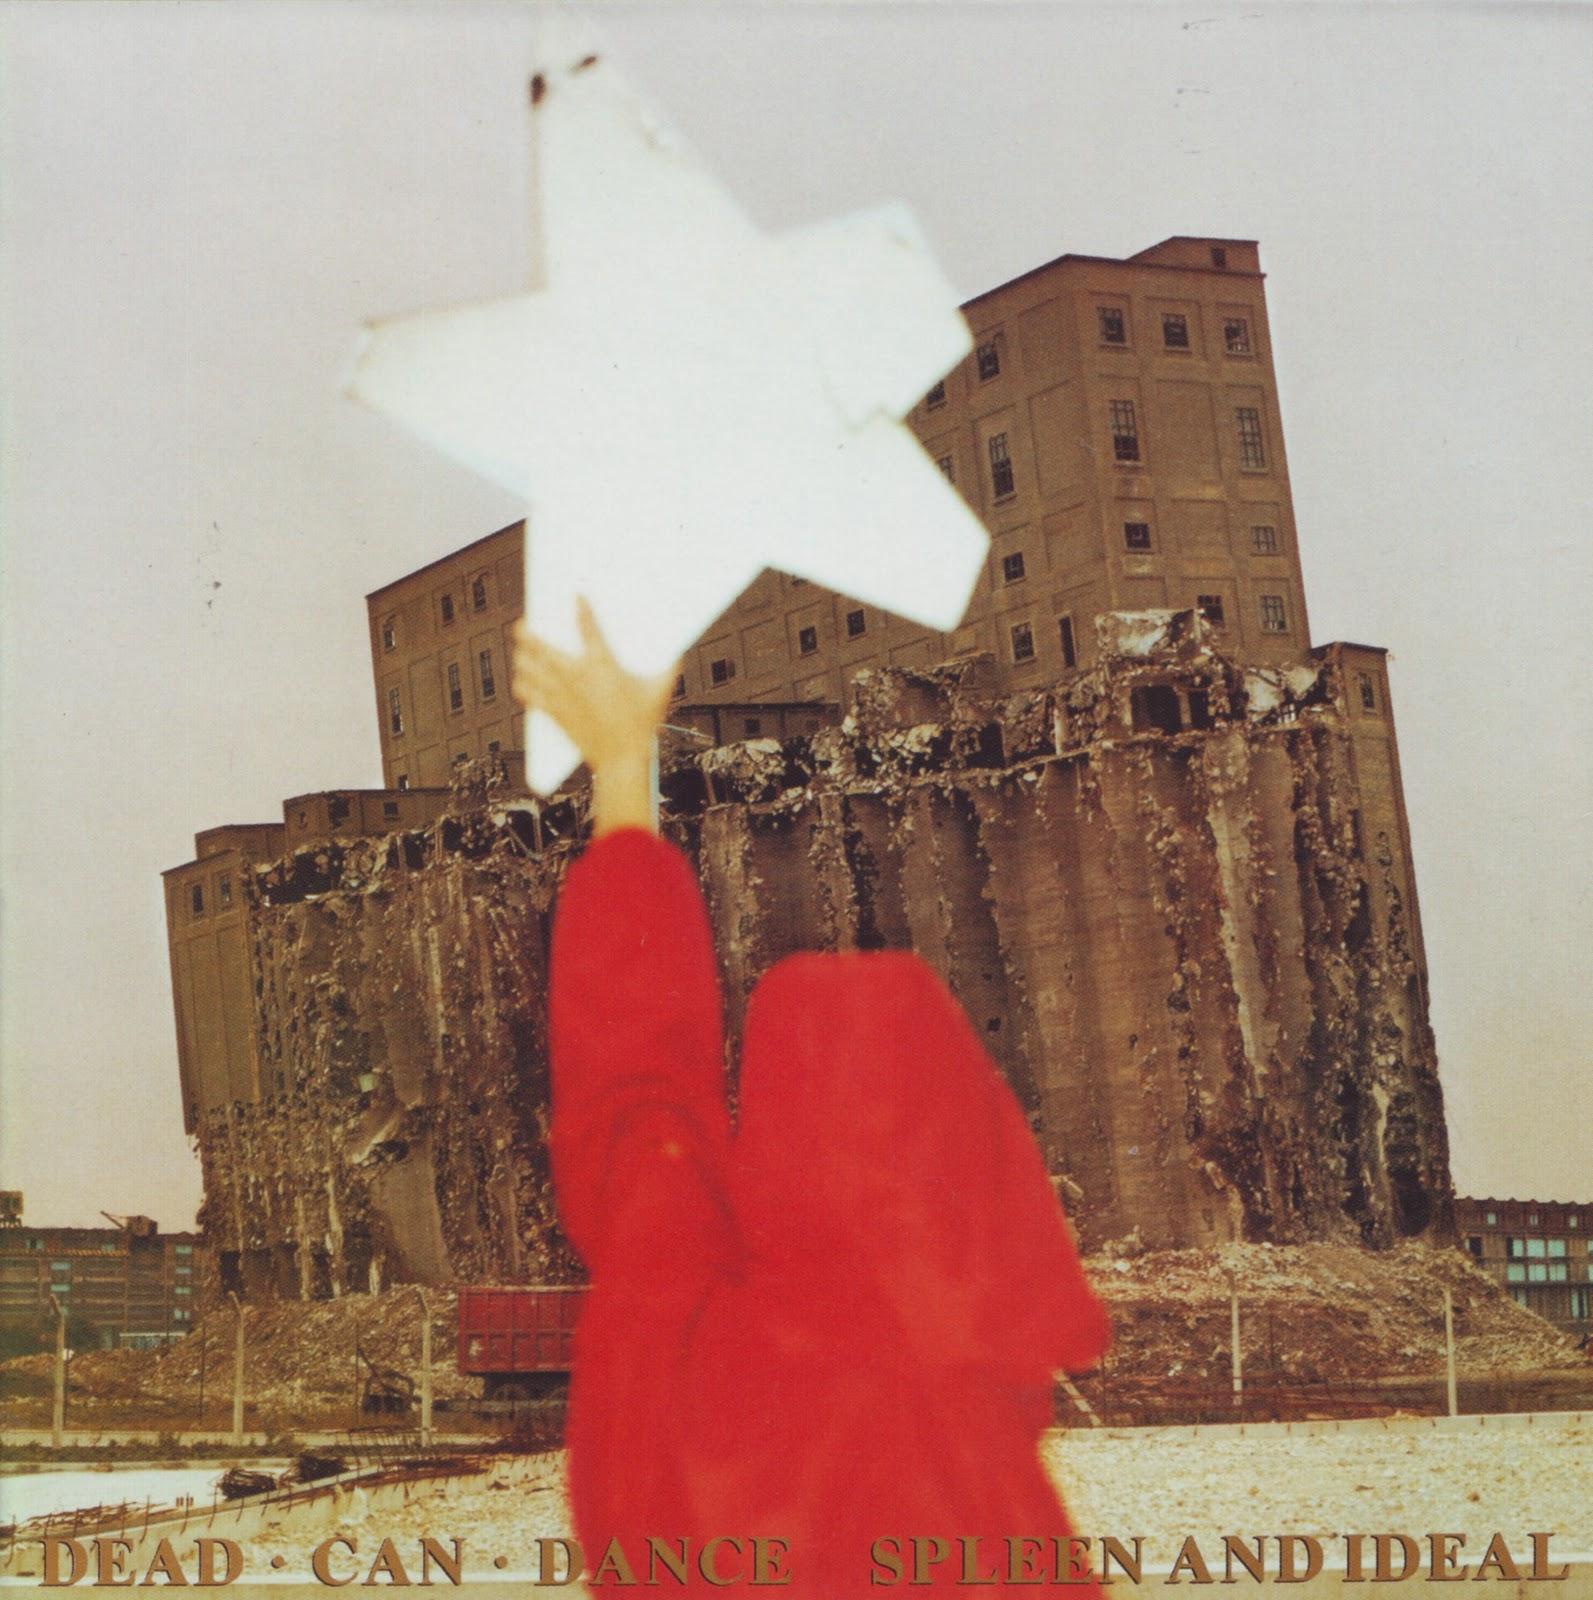 Qu'écoutez-vous en ce moment ? - Page 3 Dead_can_dance_-_1986_spleen_and_ideal